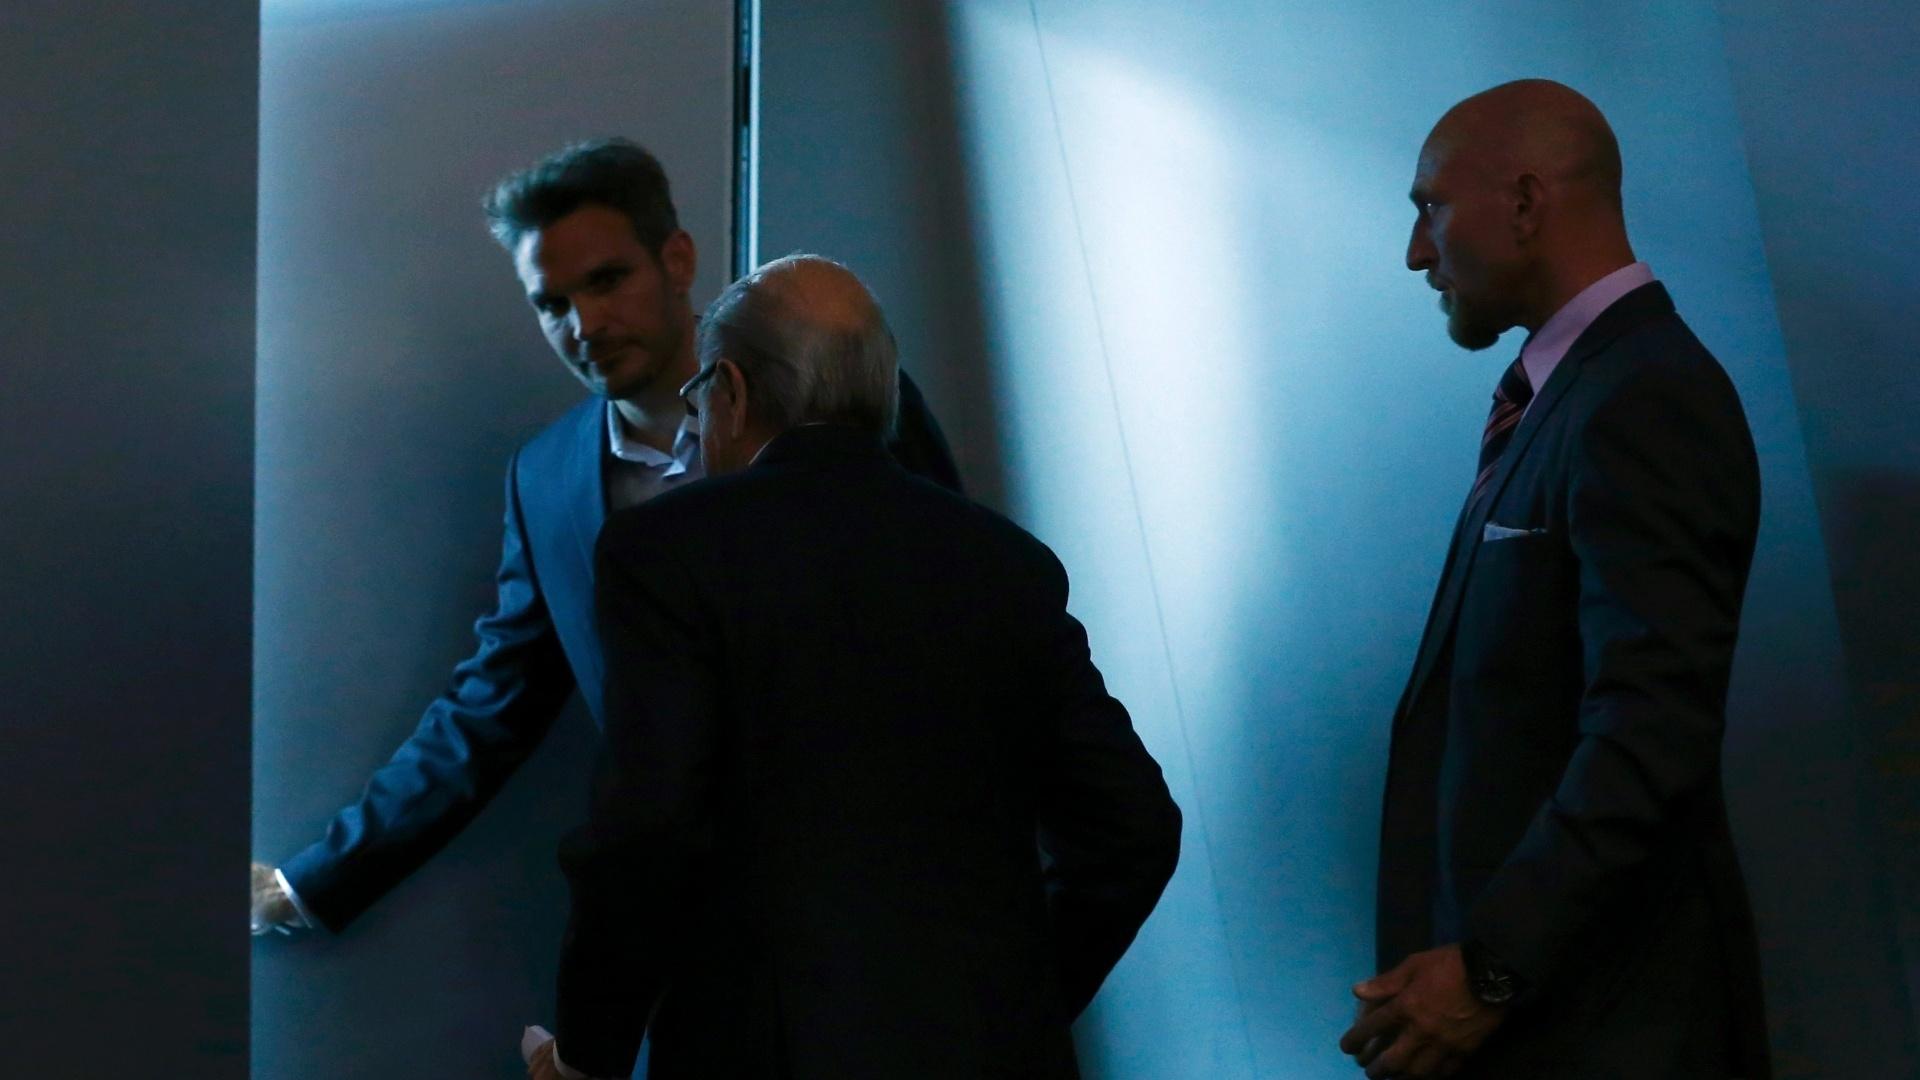 ''Um novo presidente será eleito para me suceder. Vou continuar a exercer minha função como presidente até um novo presidente ser escolhido'', afirmou Blatter em um pronunciamento realizado na sede da Fifa.